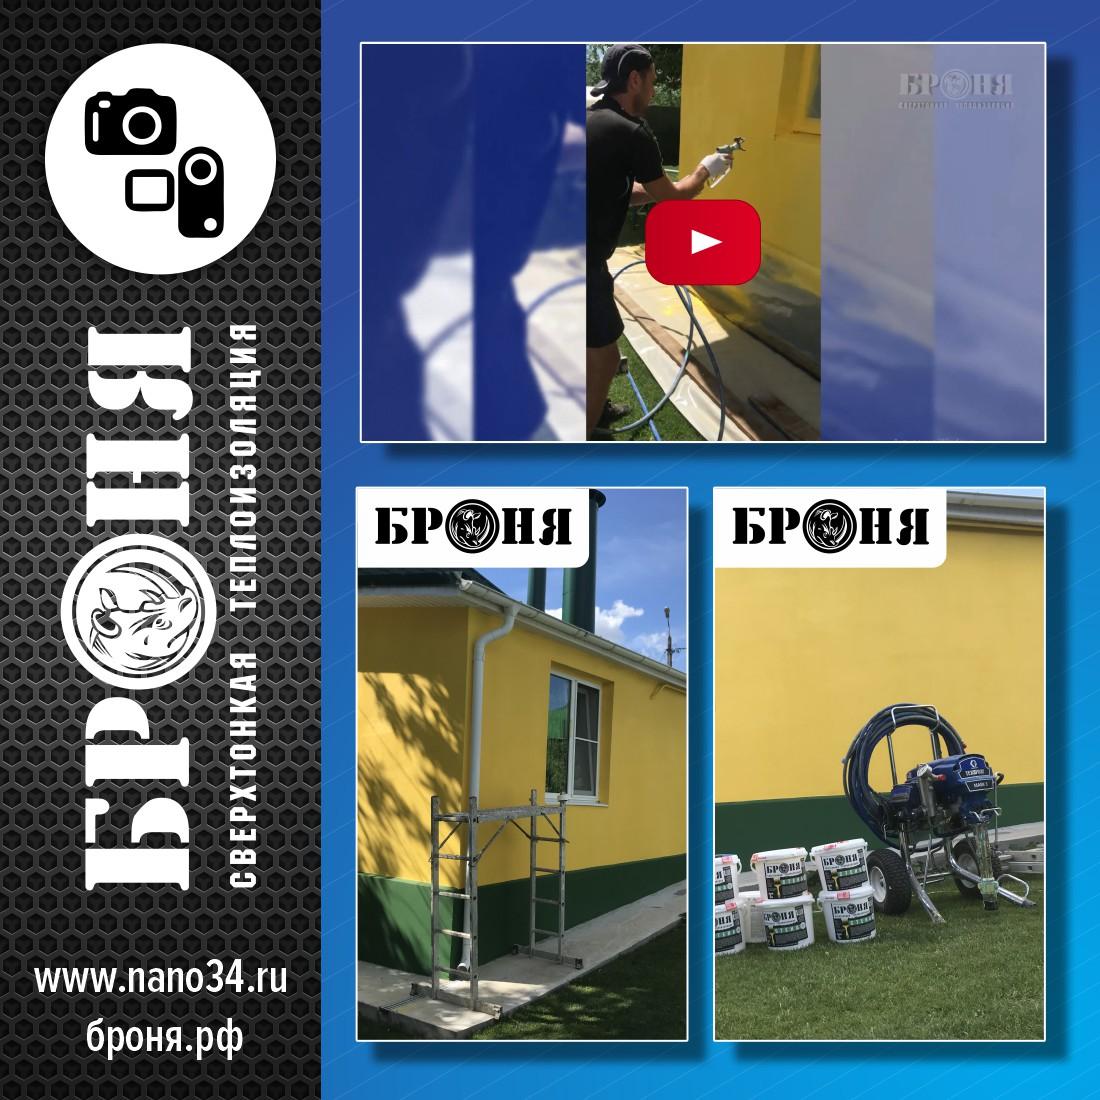 Самарская область. Утепление фасада частного дома с добавлением в материал колера